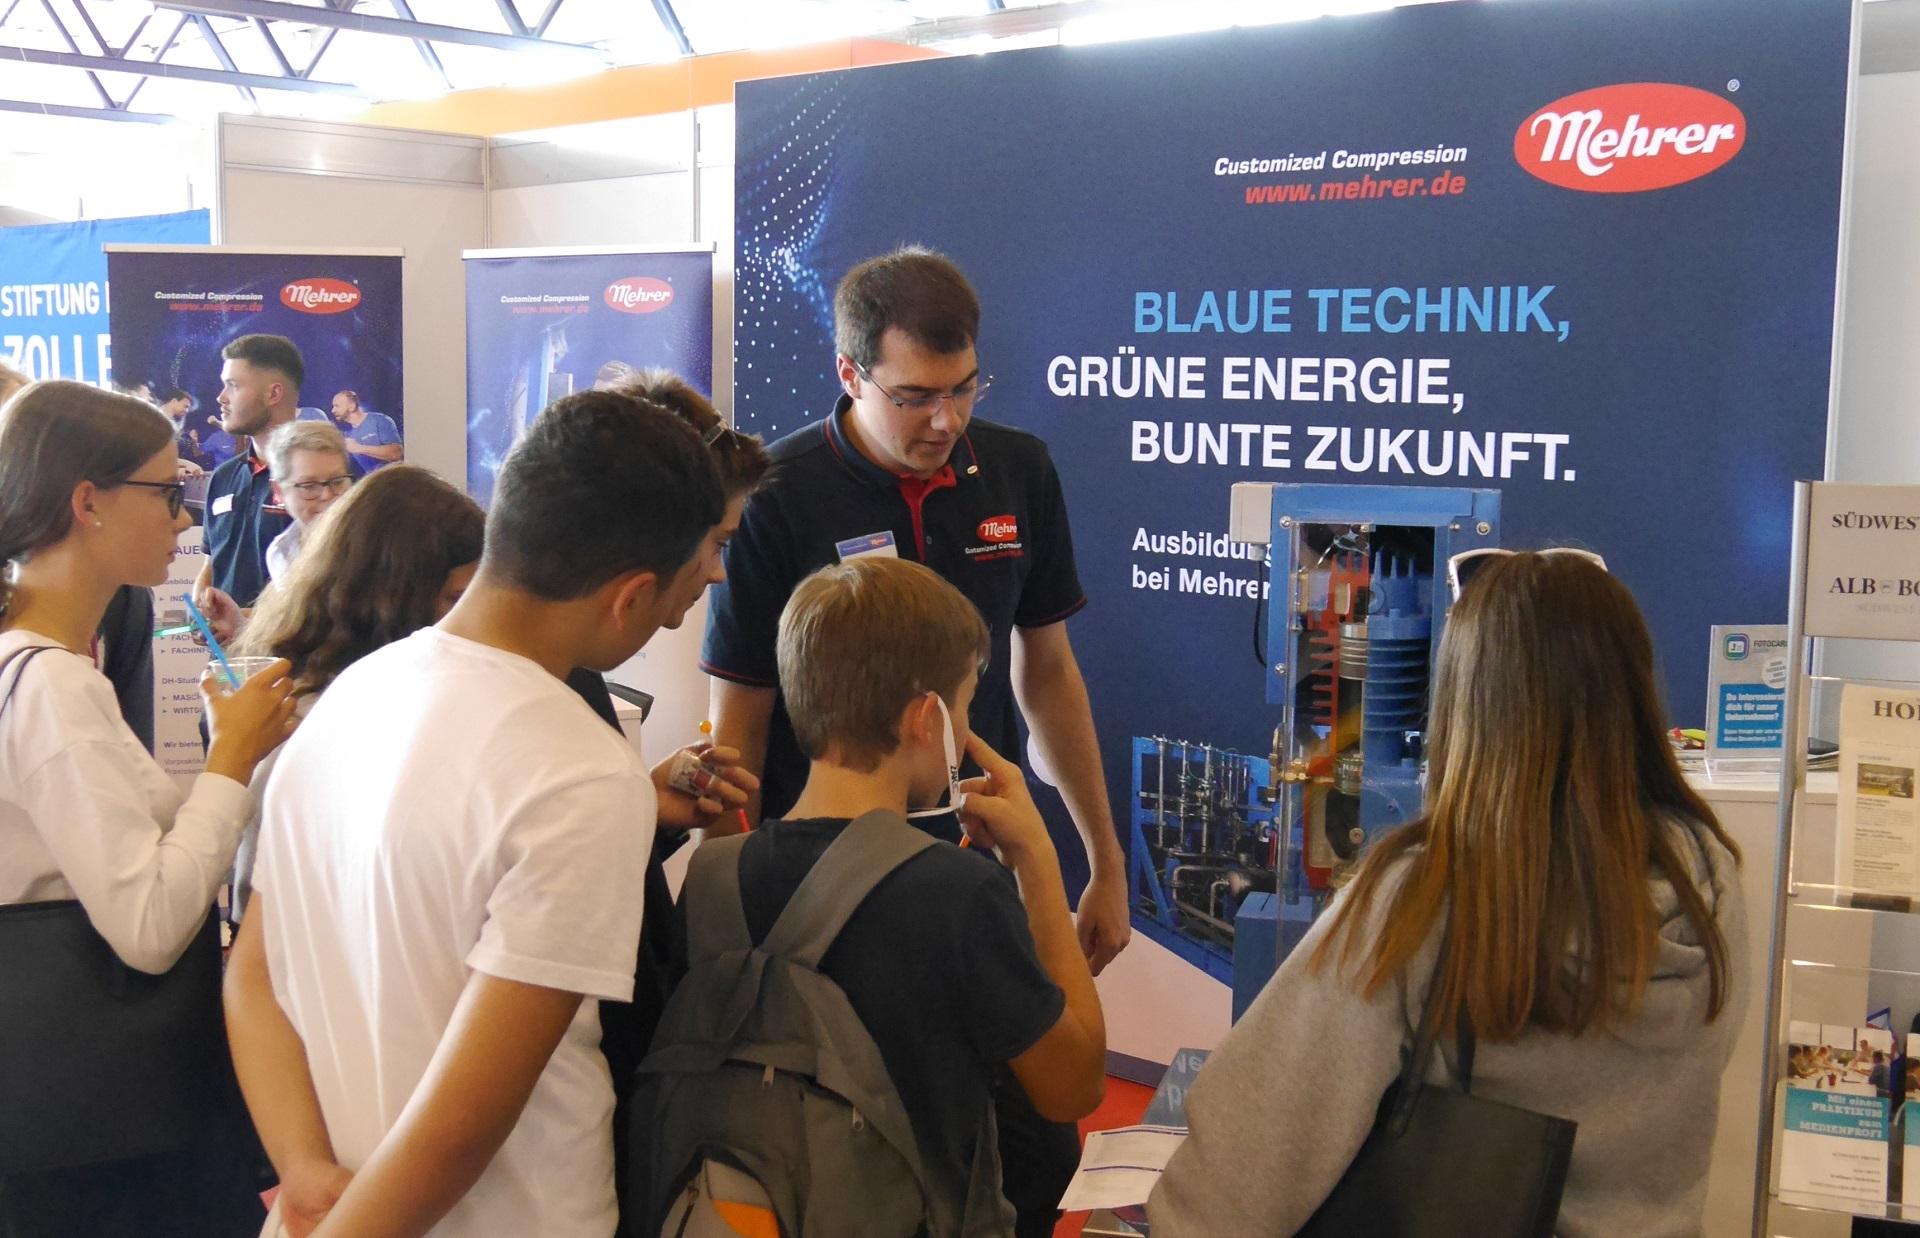 Mehrer Apprentice набирает студентов на образовательной ярмарке Visionen